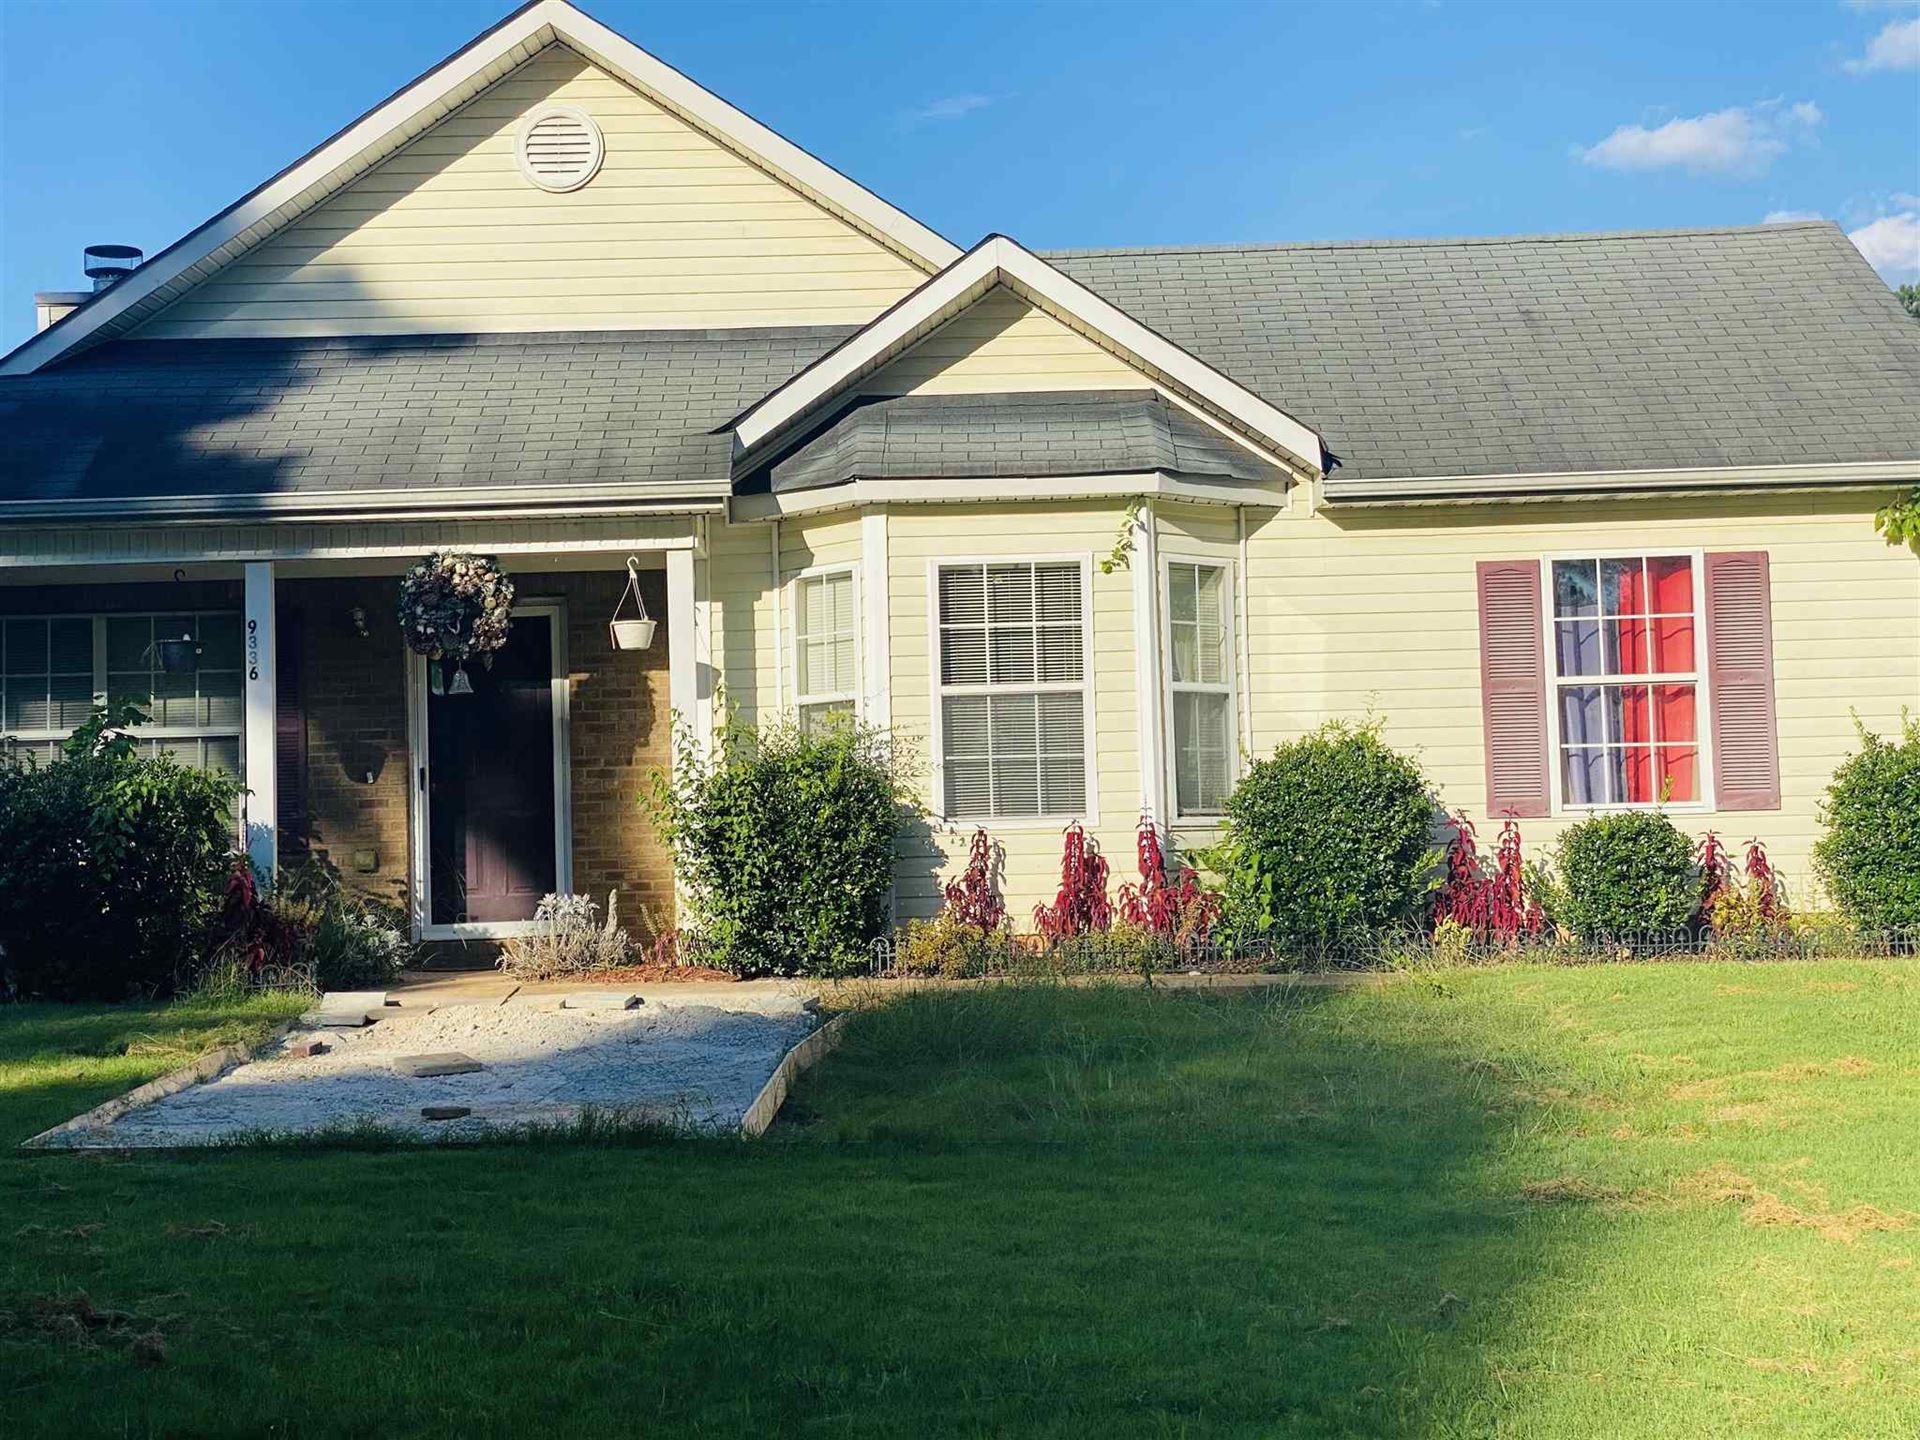 9336 Thomas Rd, Jonesboro, GA 30238 - MLS#: 8852923